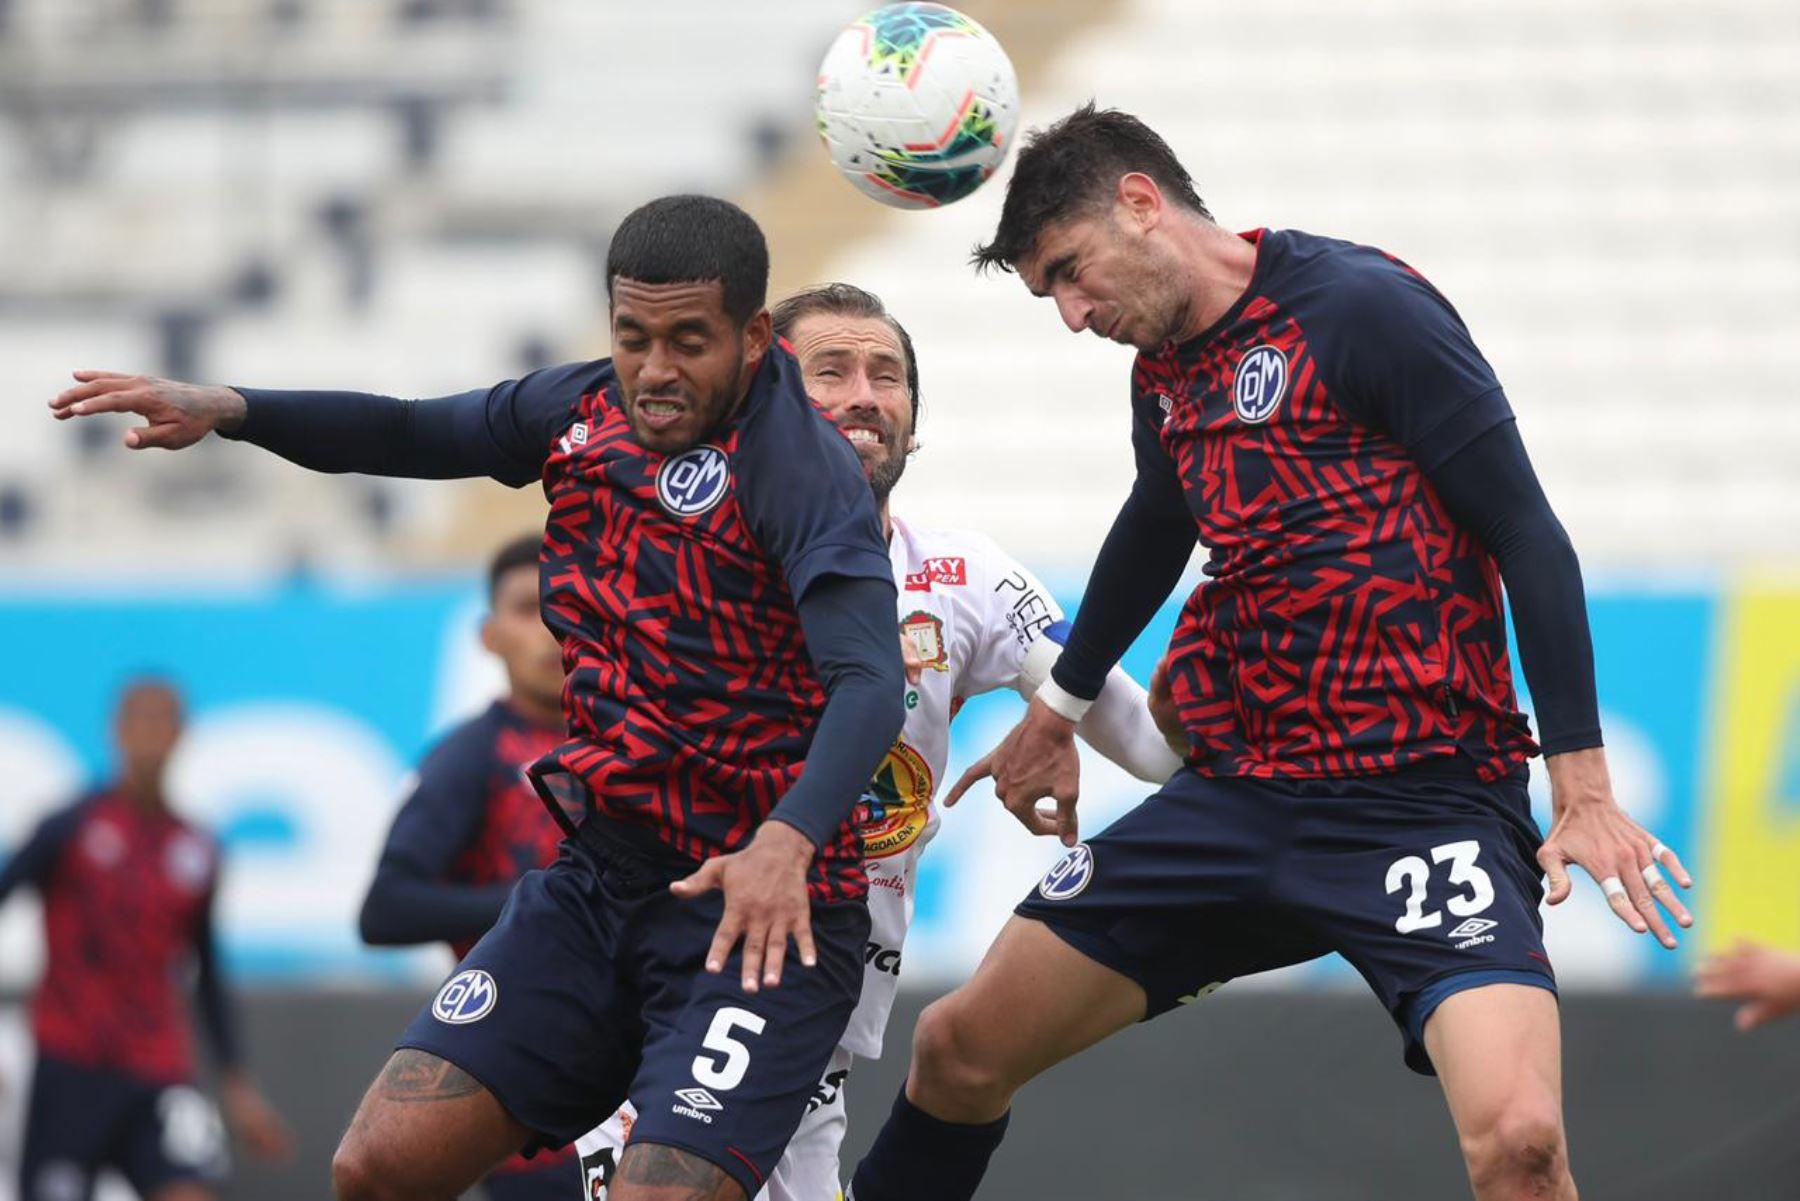 Los futbolistas Diaz y Alfaní  del Deportivo Municipal disputan el balón contra su riva Ayacucho FC durante la jornada 11 de la Liga1.  Foto: @LigaFutProf